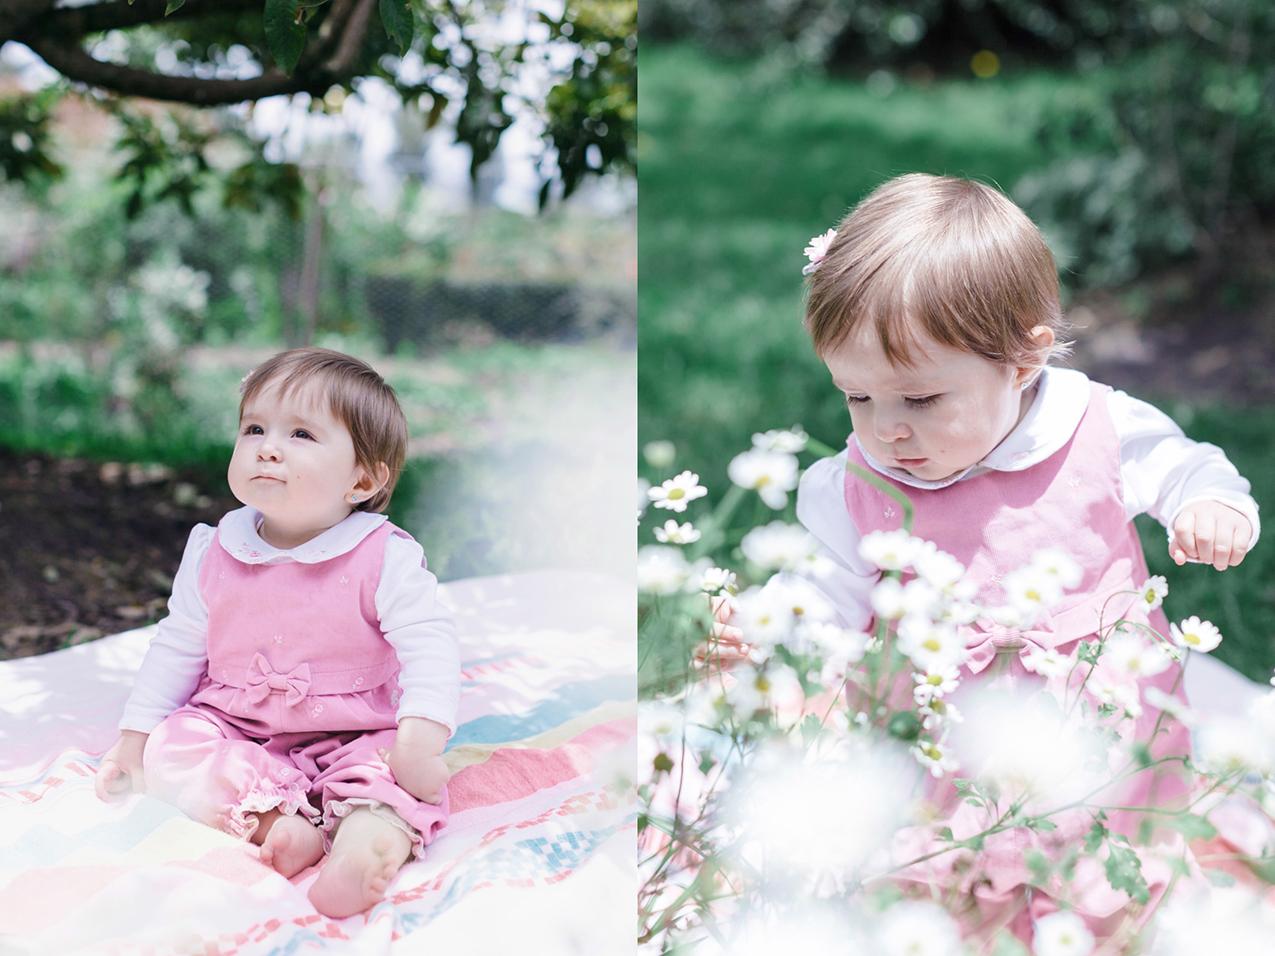 53fotografia-de-niños-bebes-recien-nacido-embarazo-retratos.jpg